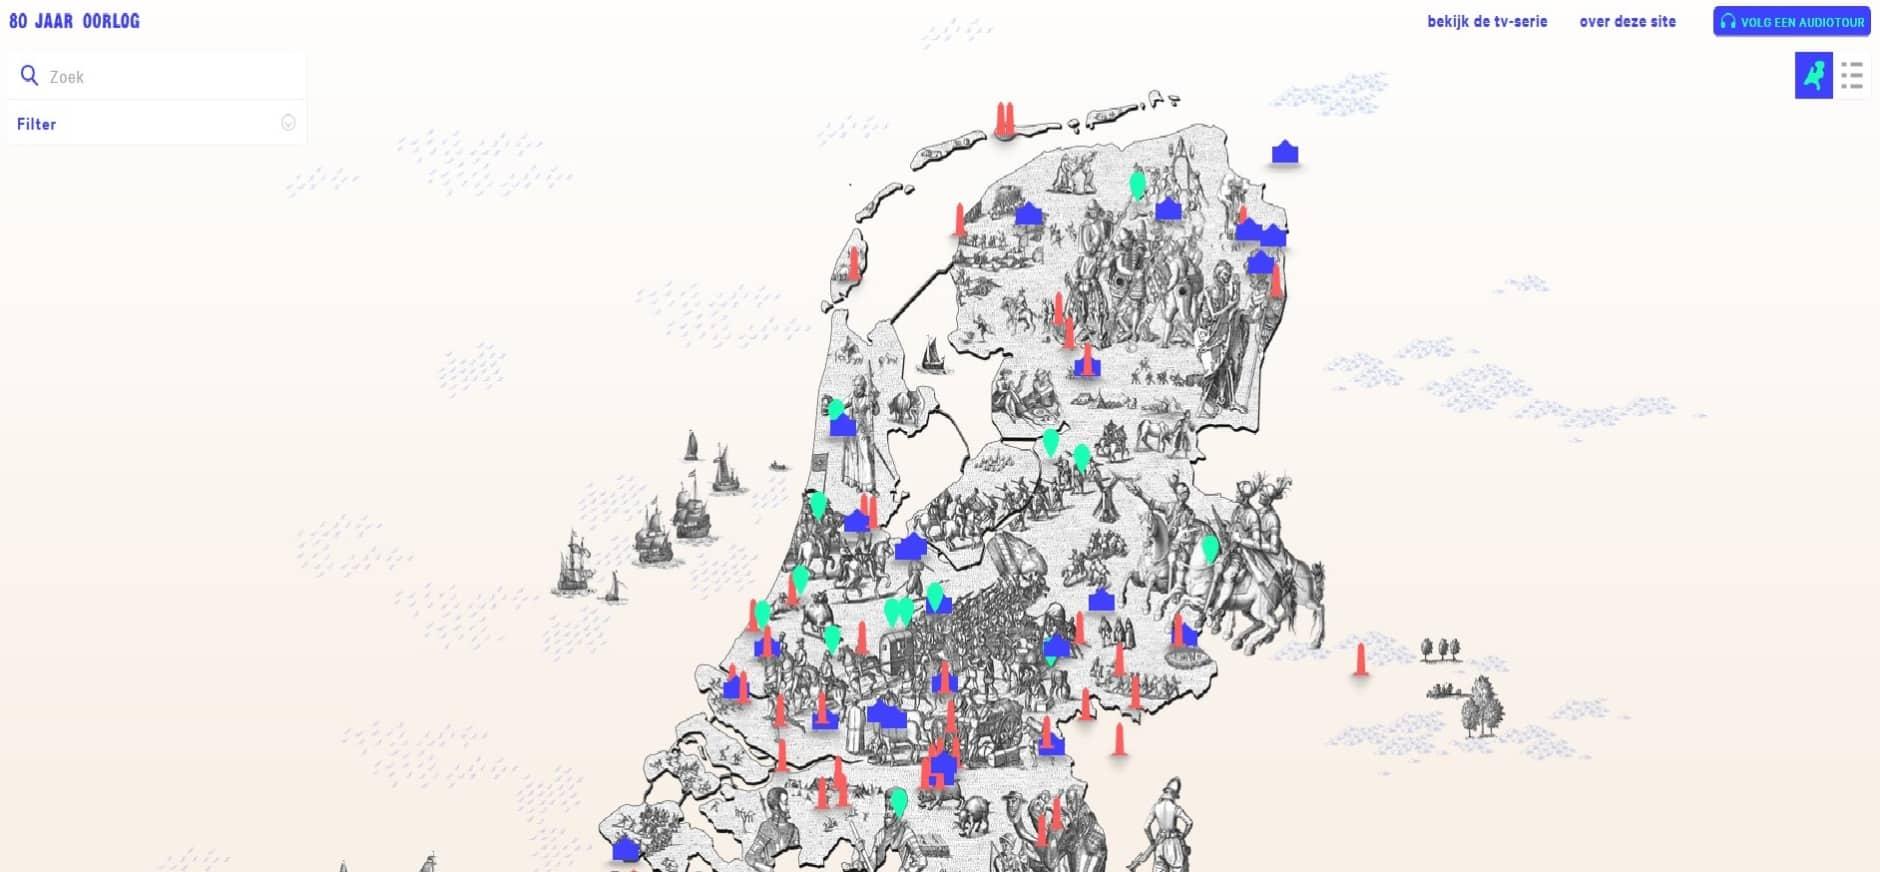 80jaaroorlog.nl